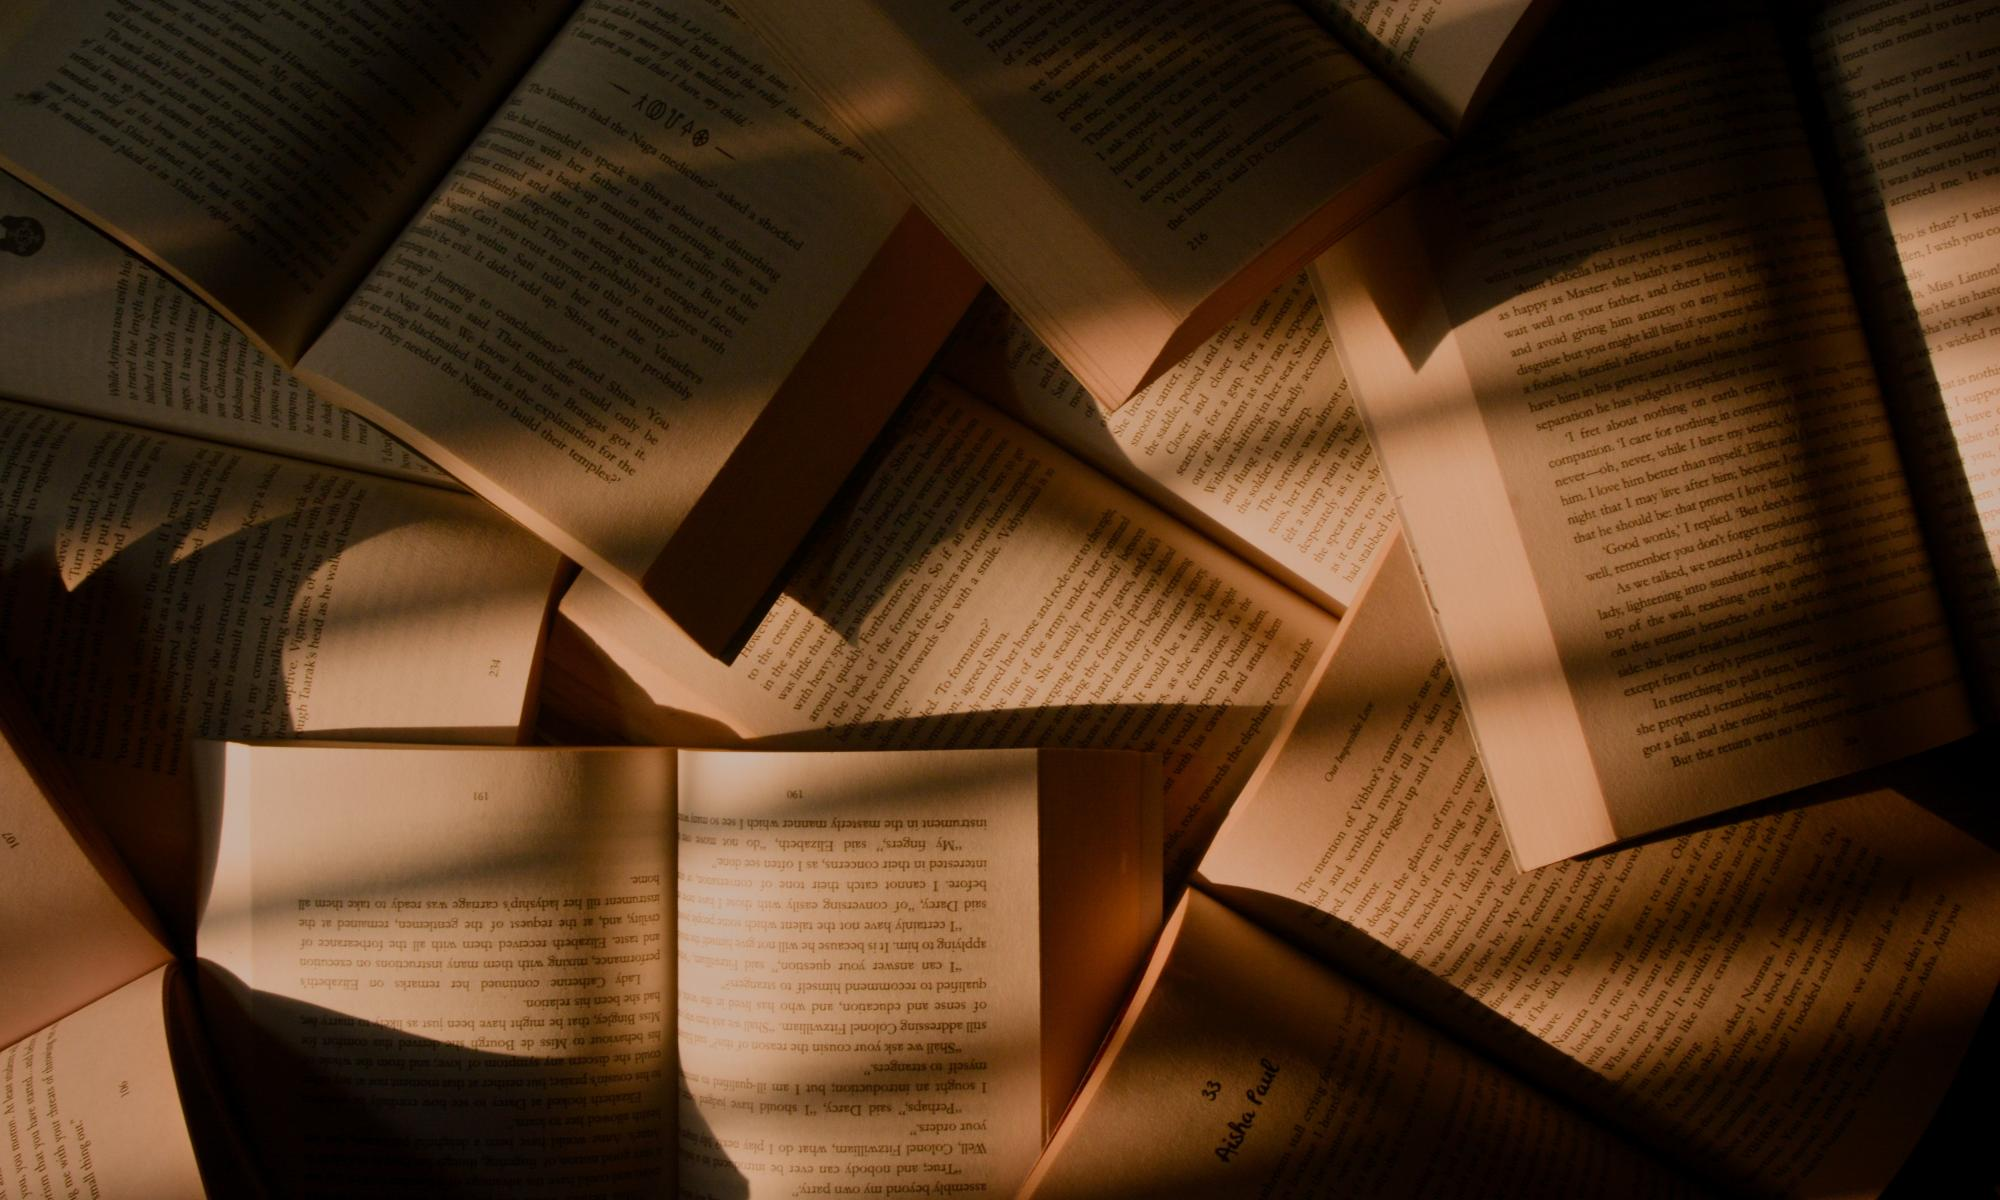 Aukinaisia kirjoja puualustalla. Valo siivilöityy pehmeästi niille.